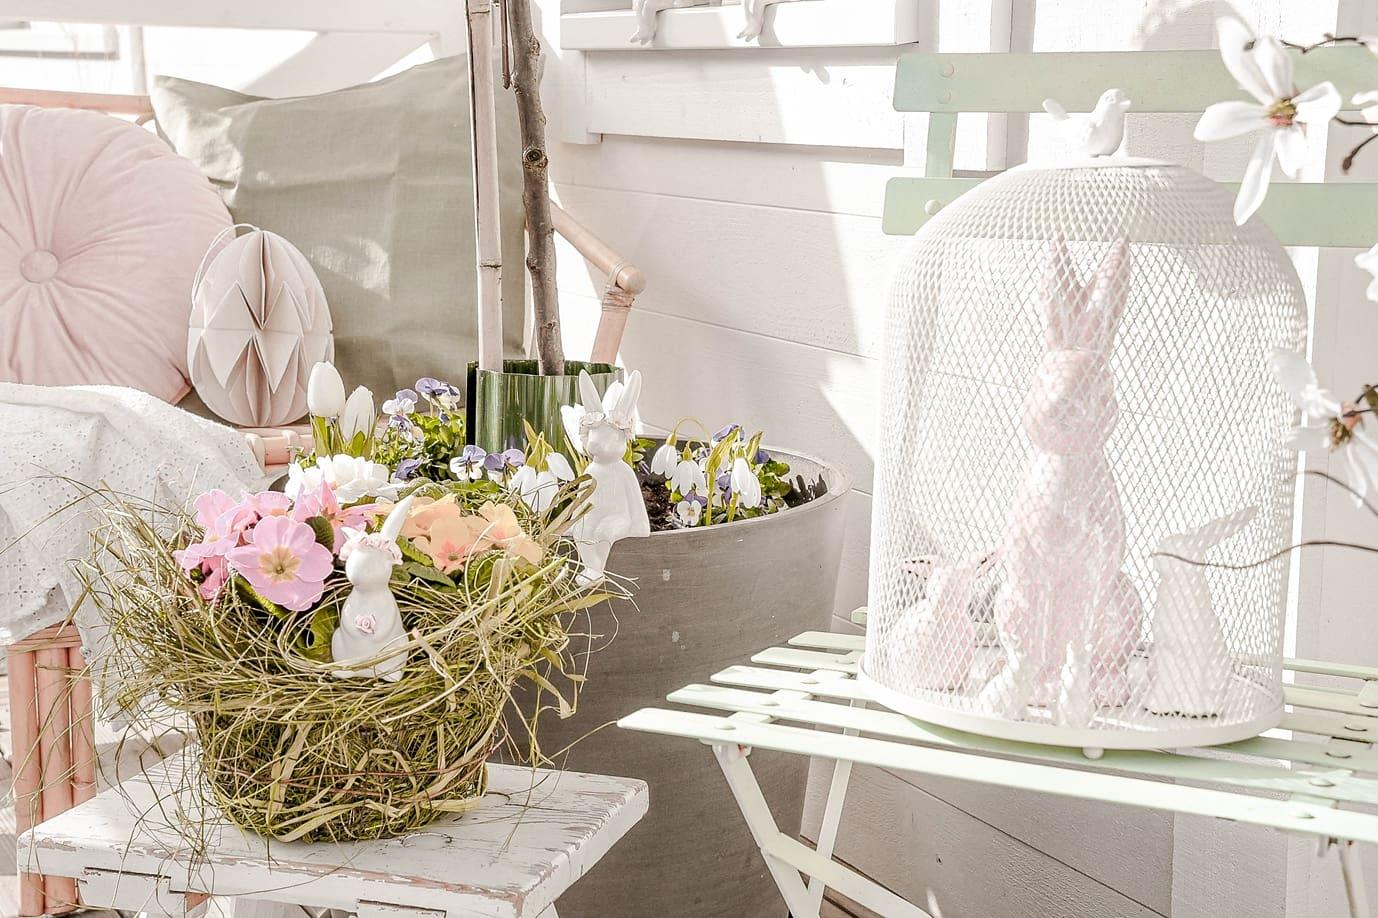 Osterdeko mit Porzellanhasen und Blumen.